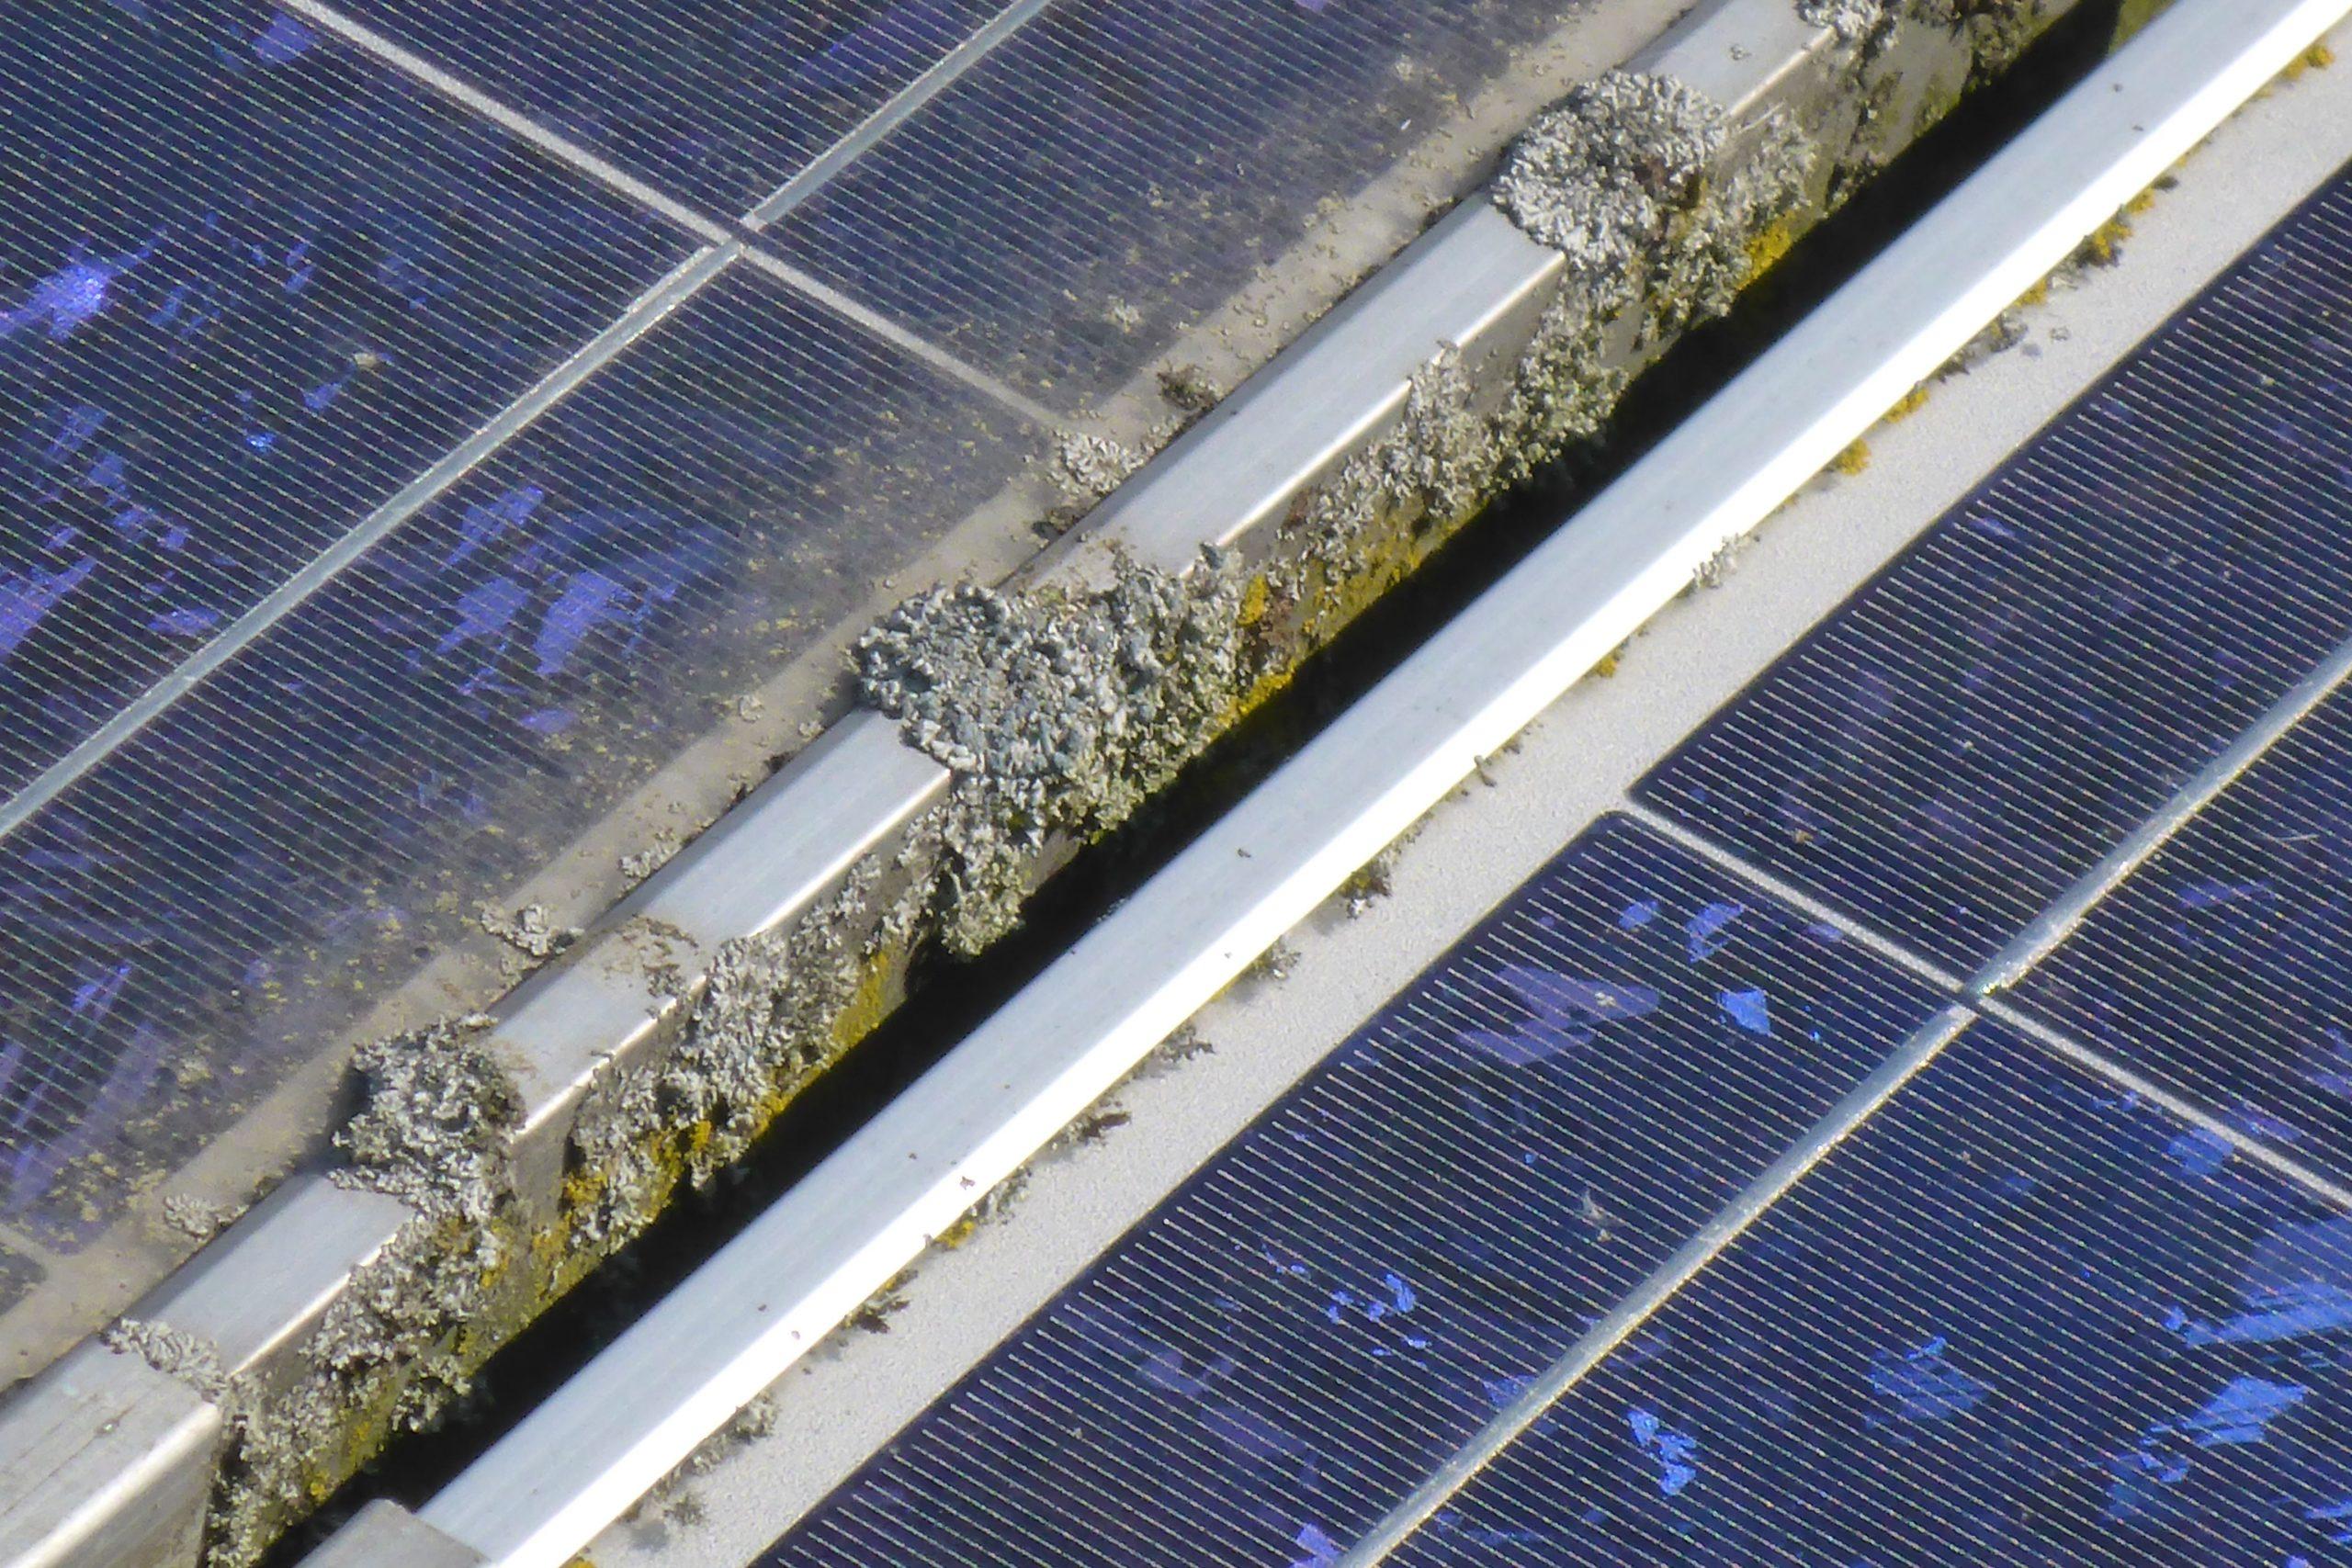 Photovoltaikmodule mit Bewuchs von Algen und Flechten.